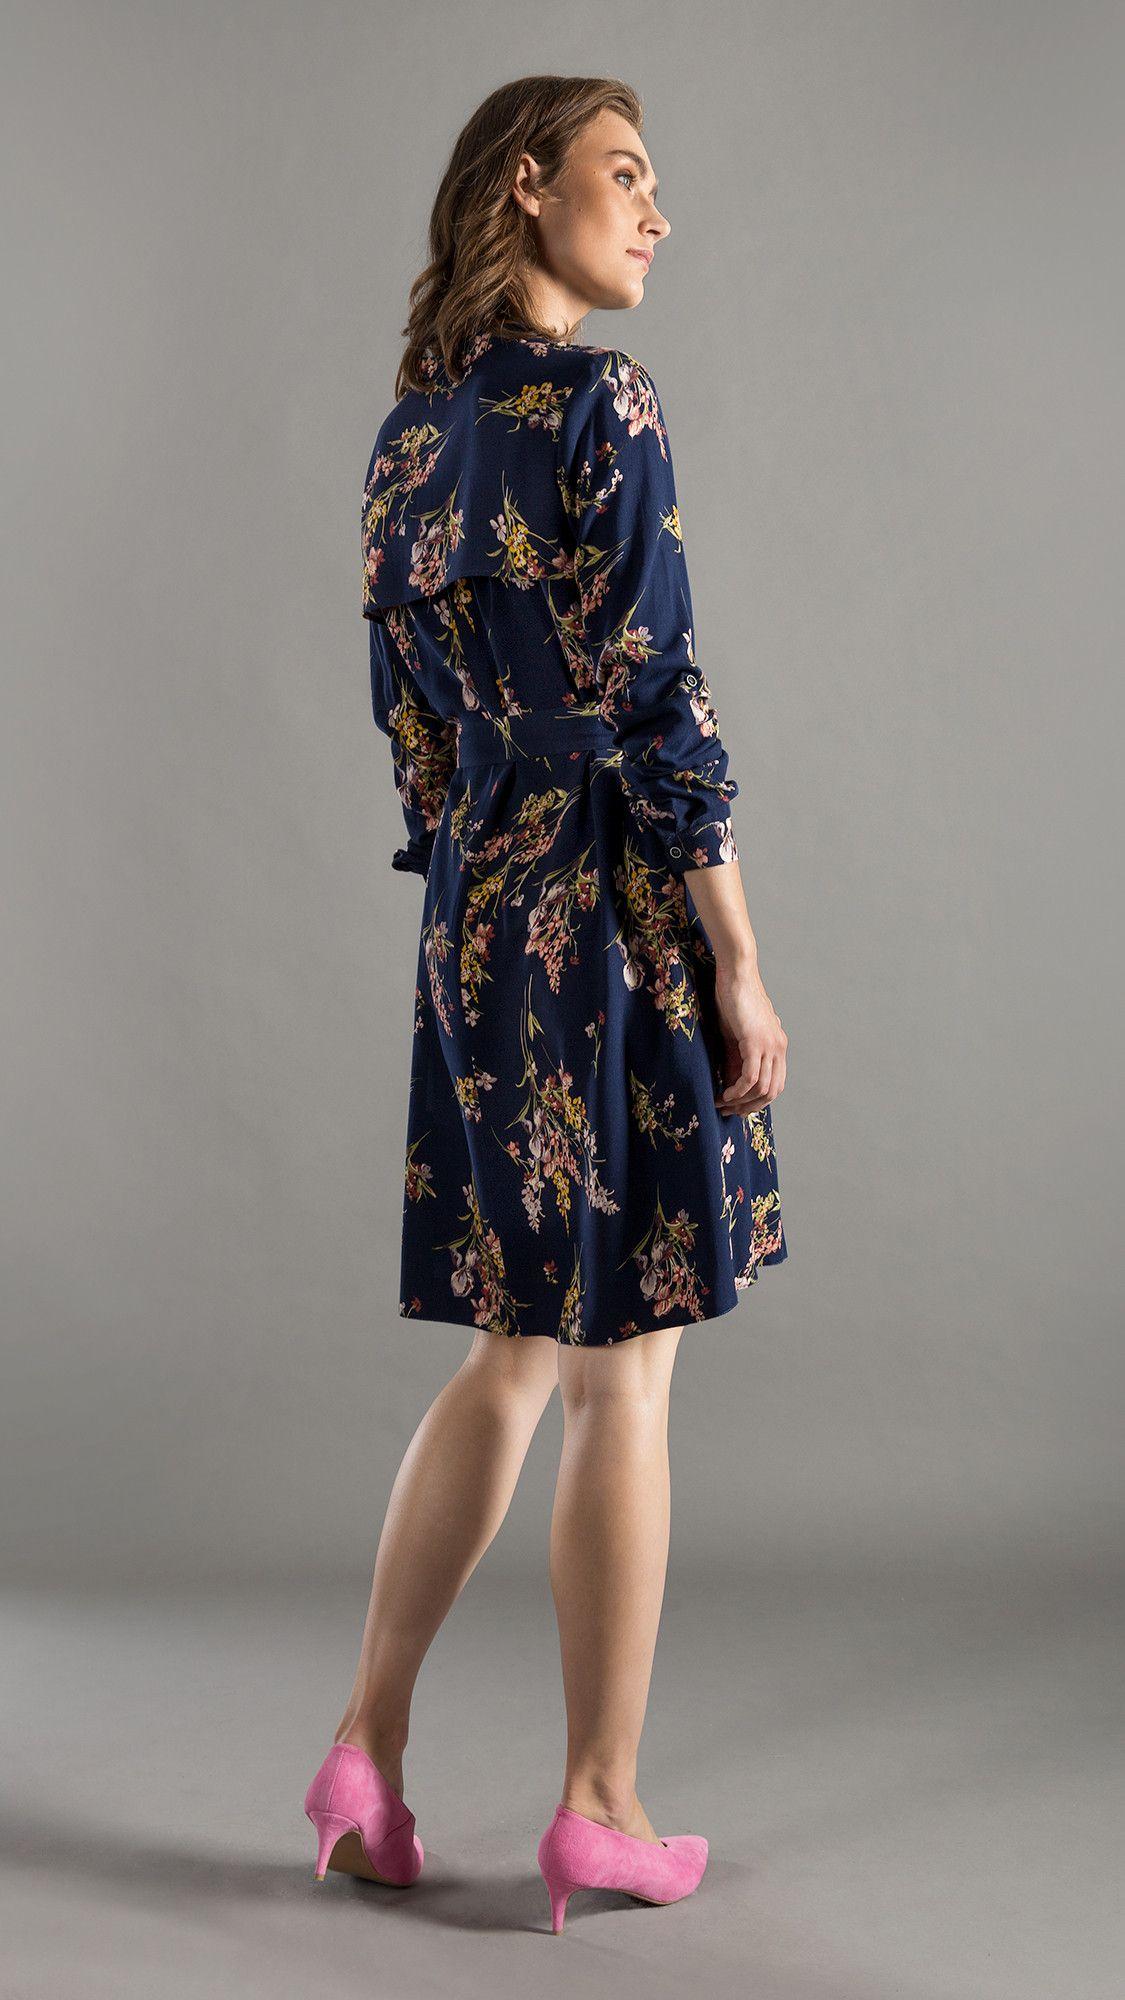 Dress Bonnie Floral Navy